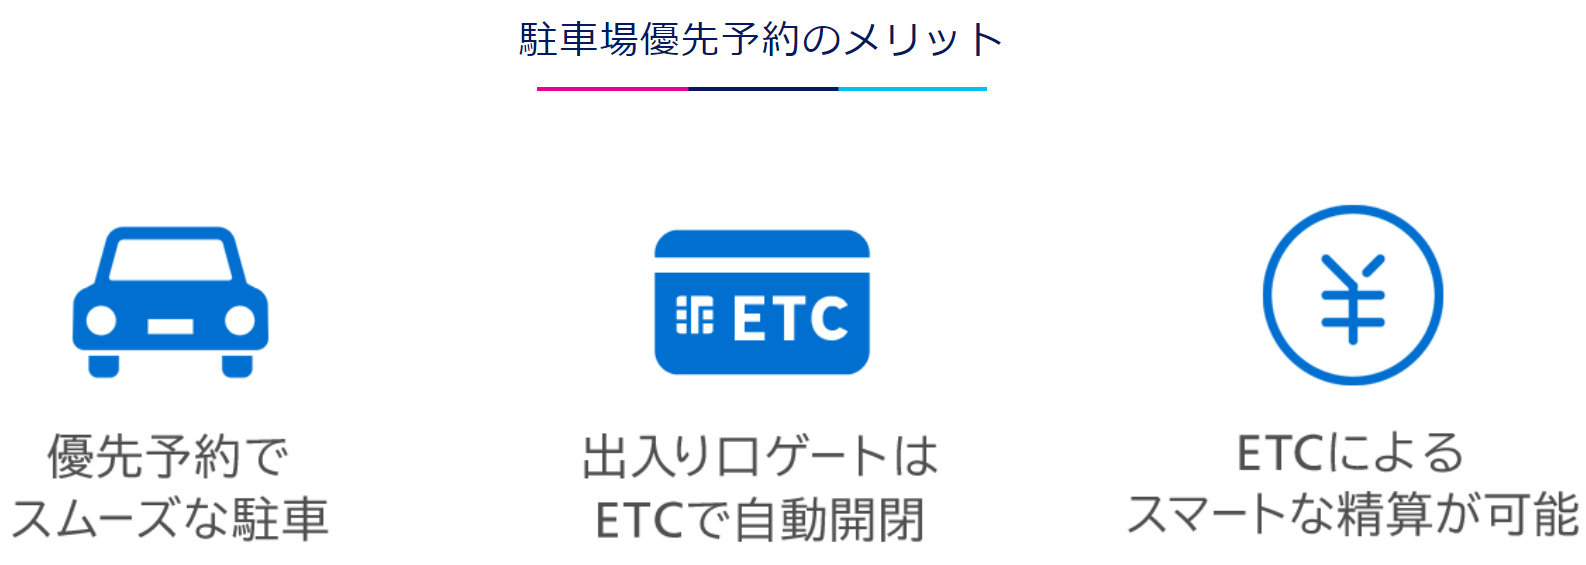 伊丹空港駐車場「ETCによる入出場と自動決済」「アメックスETC10%割引」を利用してみた